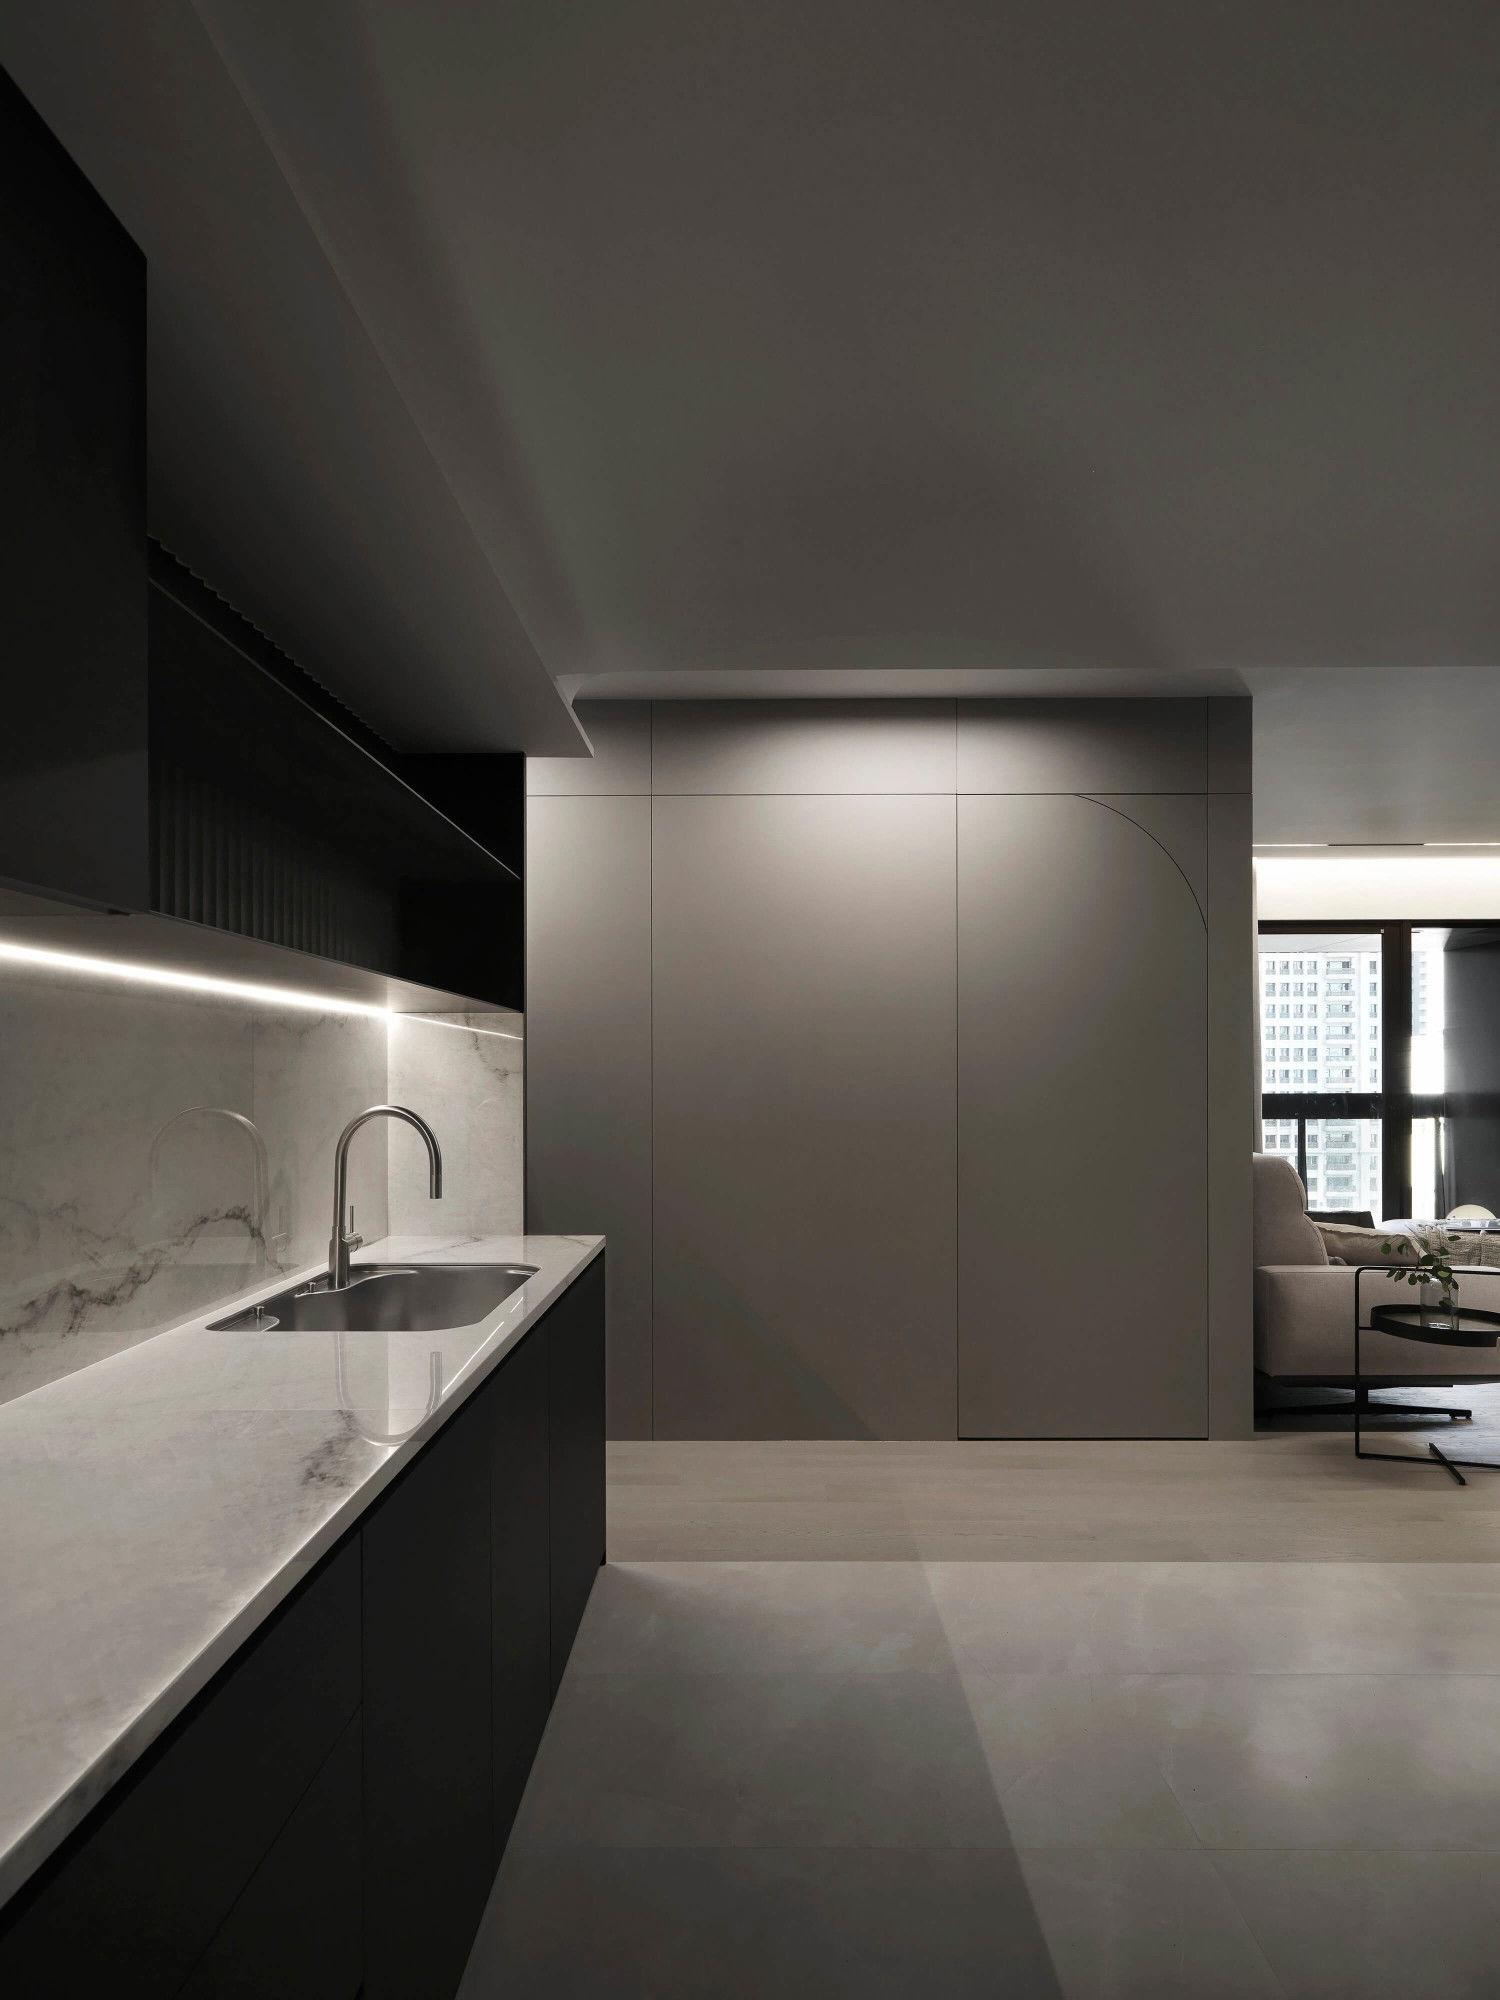 台中分子設計-現代風設計師-台中七期室內設計-電梯大樓整體規劃-輕食區、一字型廚具設計